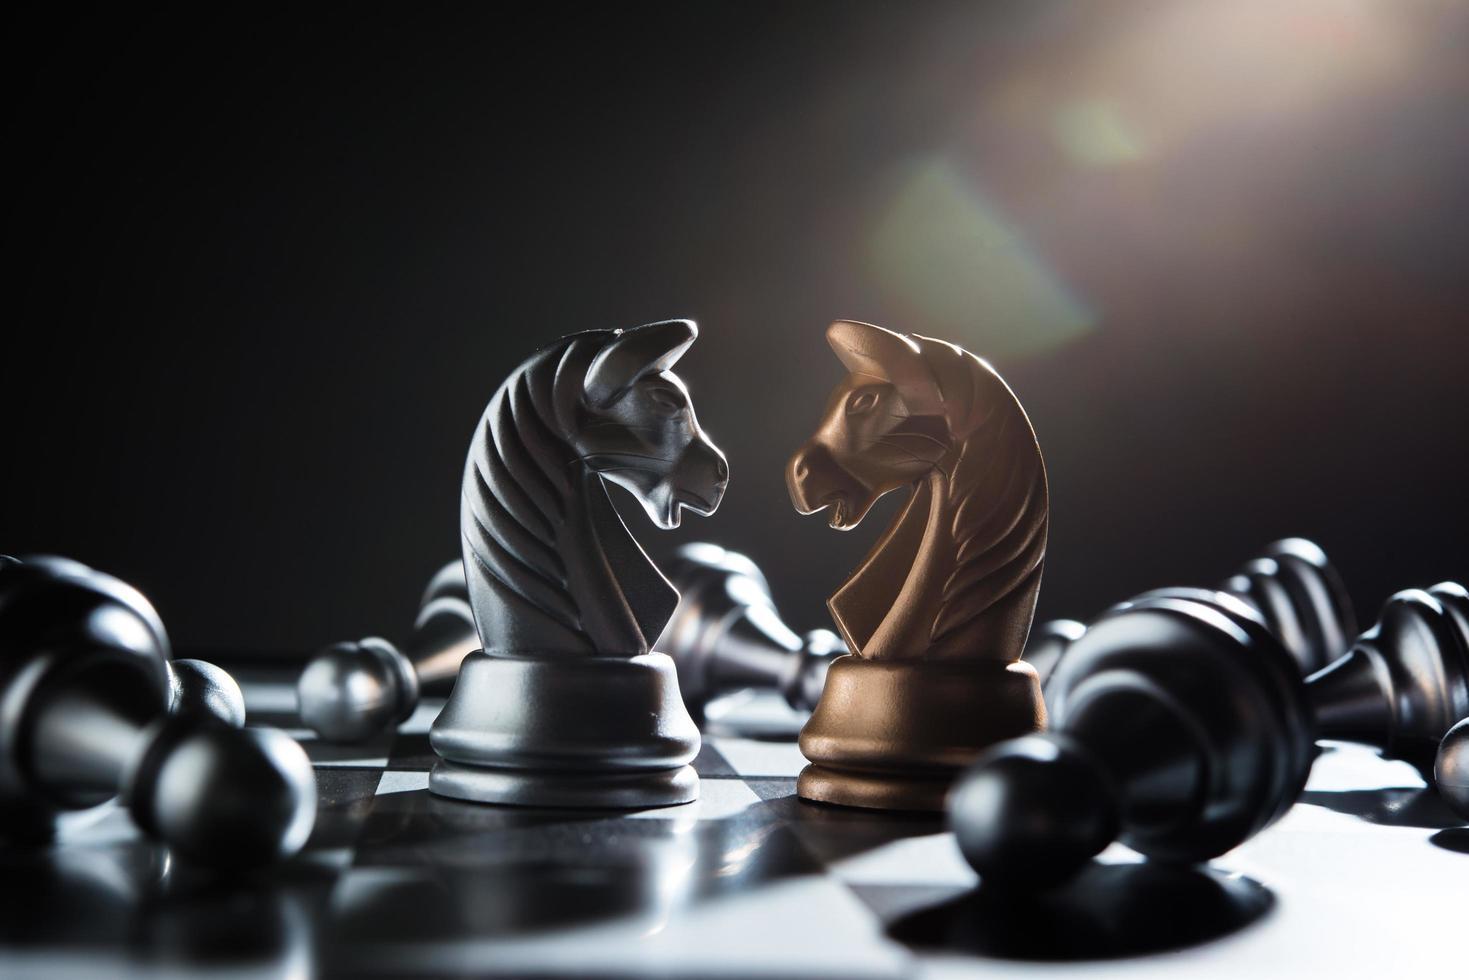 juego de batalla de ajedrez foto